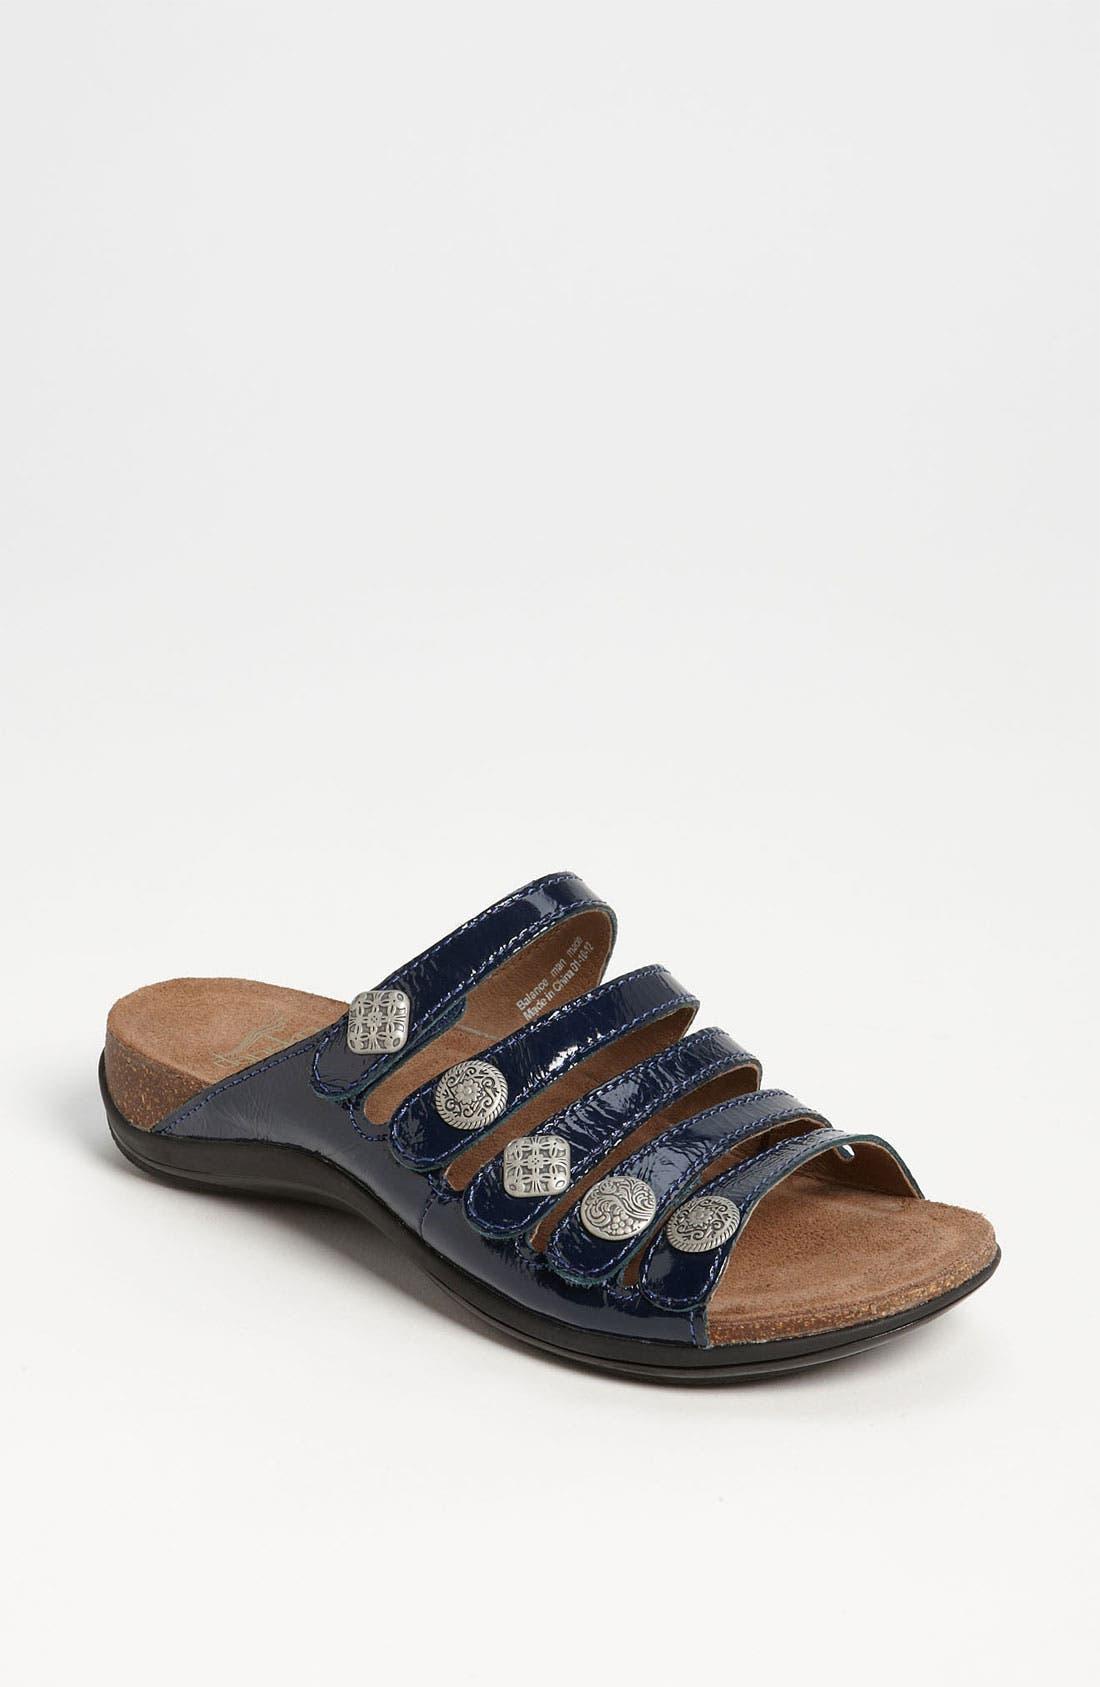 Main Image - Dansko 'Janie' Sandal